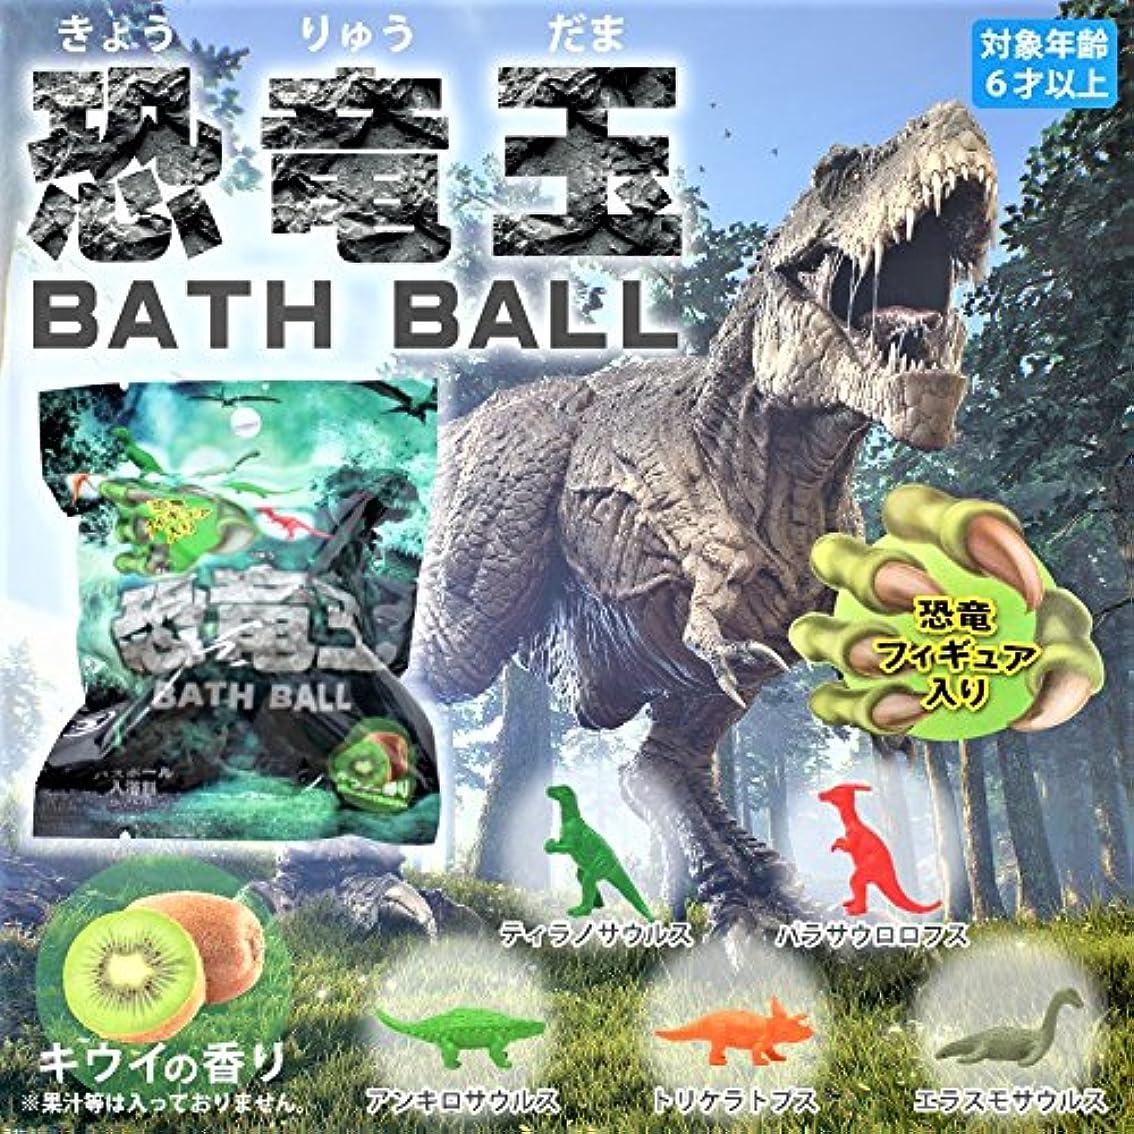 小さな誠意虚弱恐竜玉バスボール 6個1セット キウイの香り 恐竜フィギュア入りバスボール 入浴剤